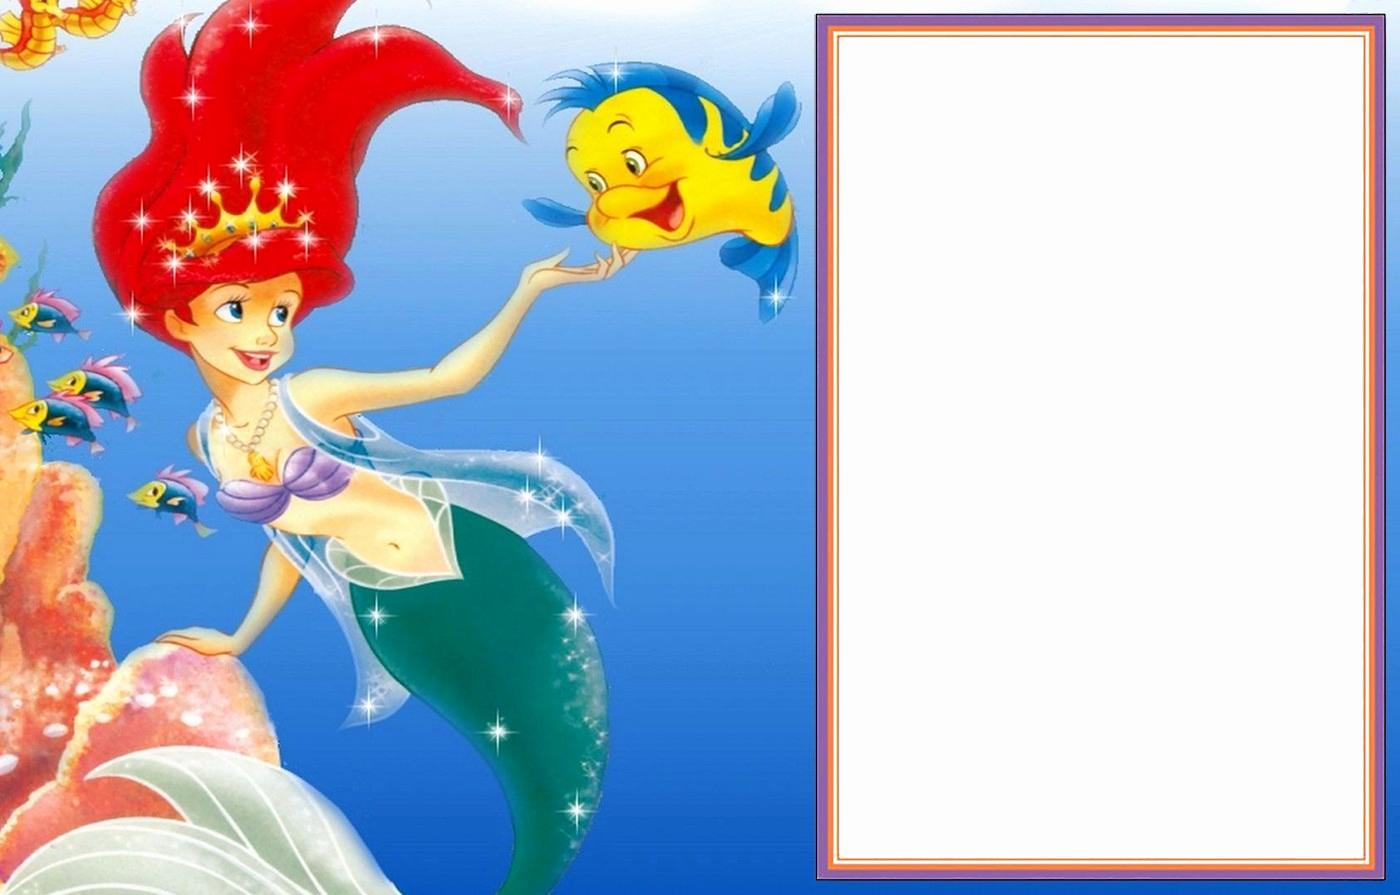 Little Mermaid Invitation Template New Little Mermaid Free Printable Invitation Templates